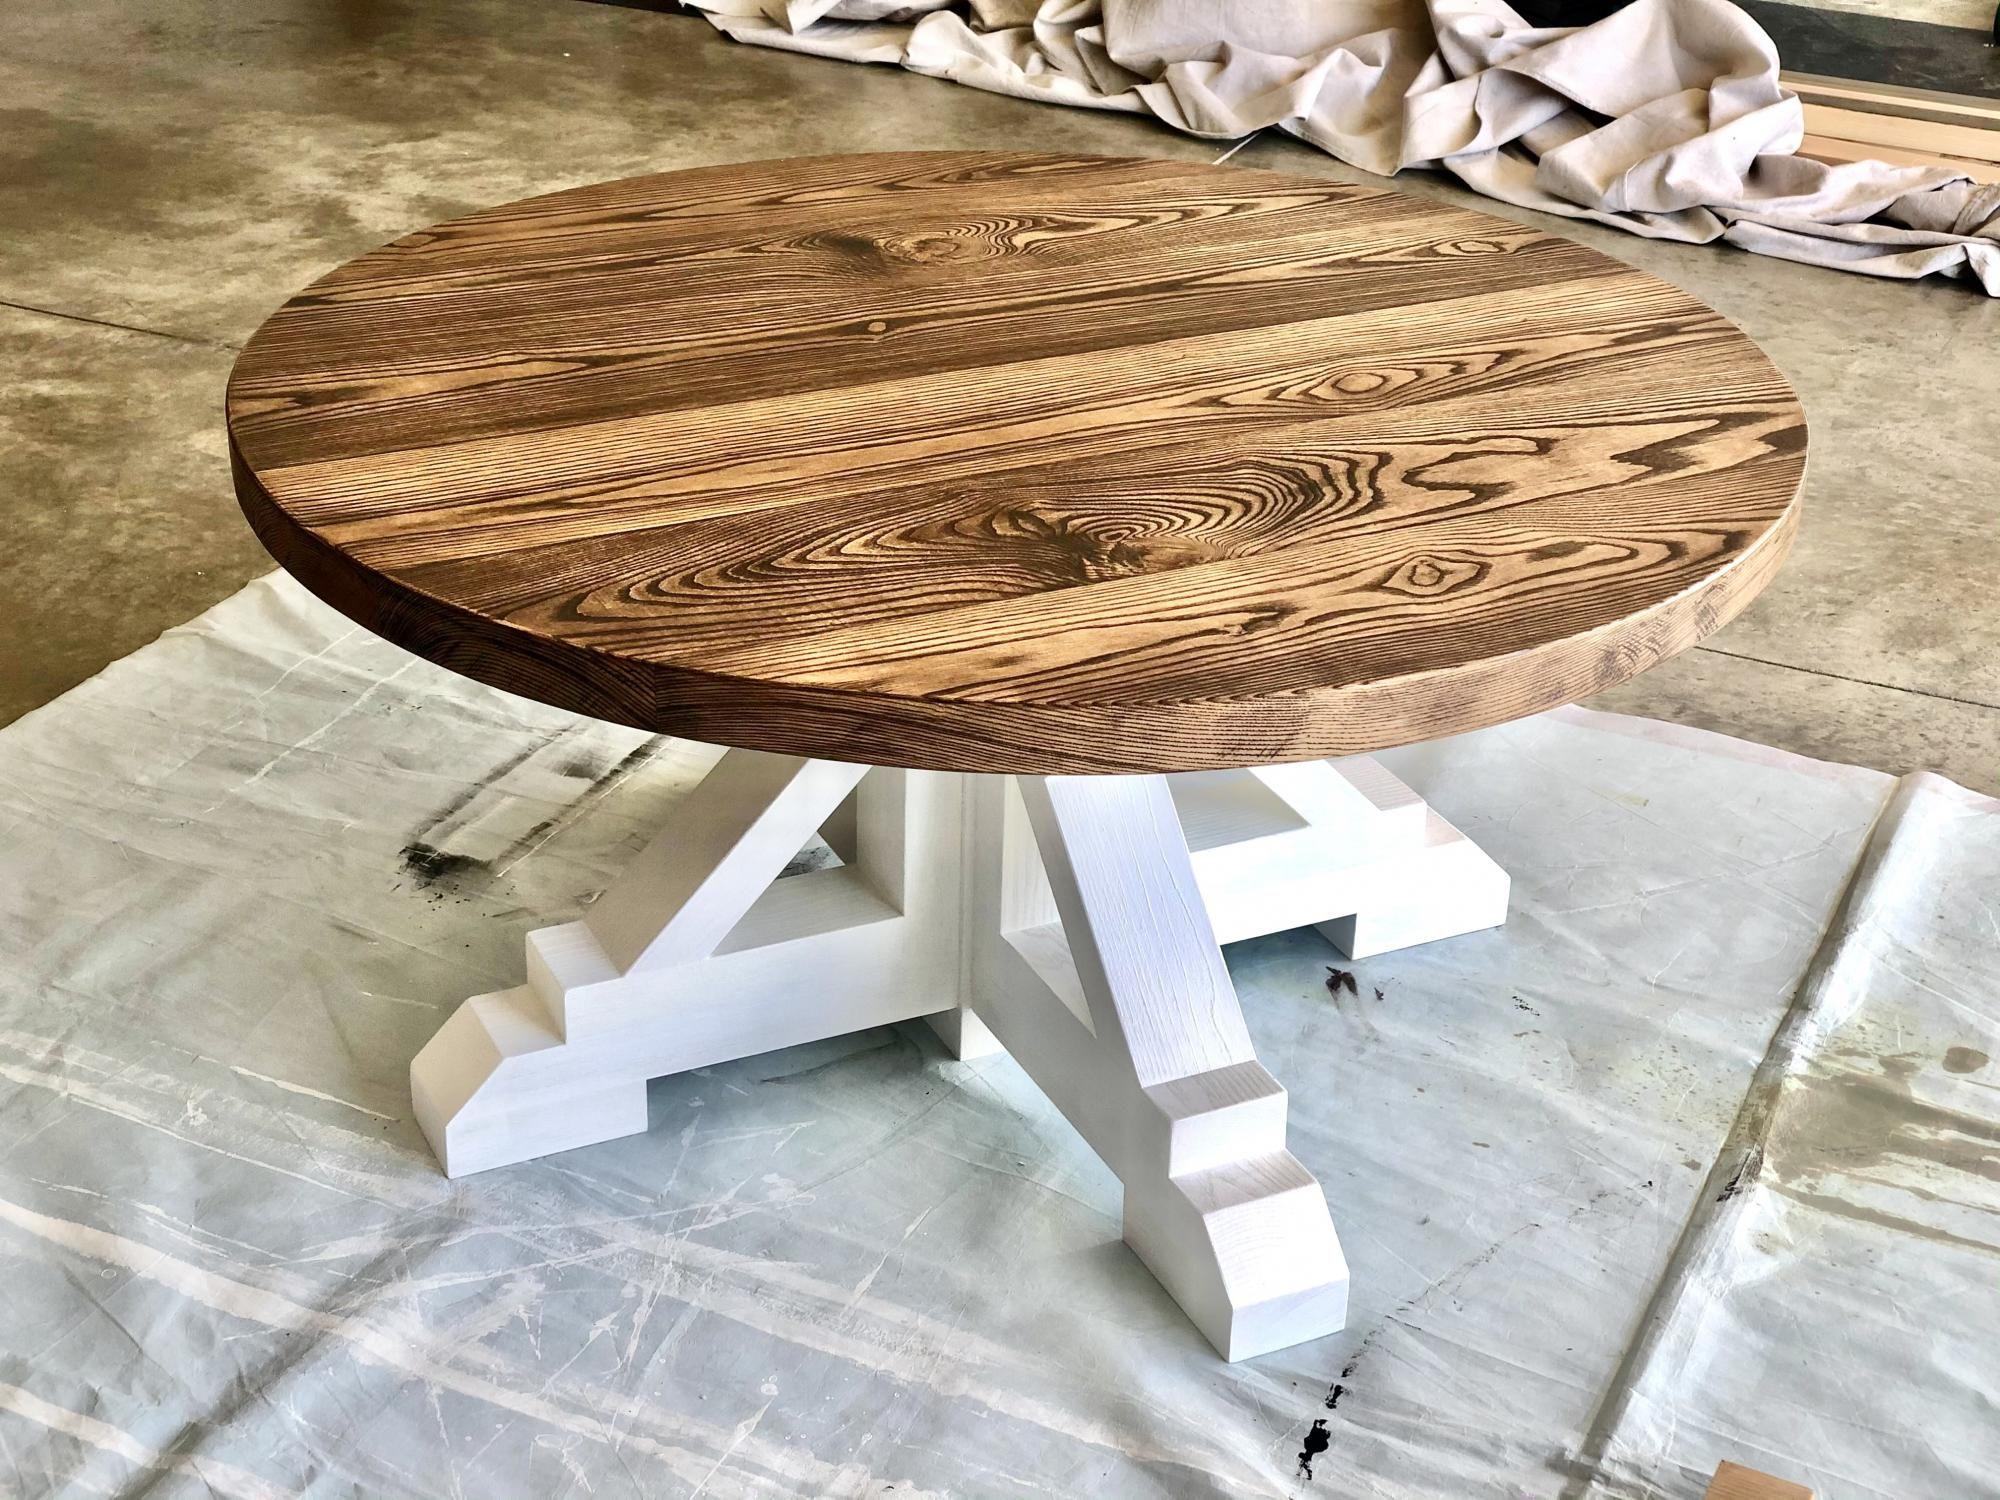 Round Farmhouse Coffee Table Ana White Coffee Table Farmhouse Diy Farmhouse Coffee Table Round Farmhouse Table [ 1500 x 2000 Pixel ]